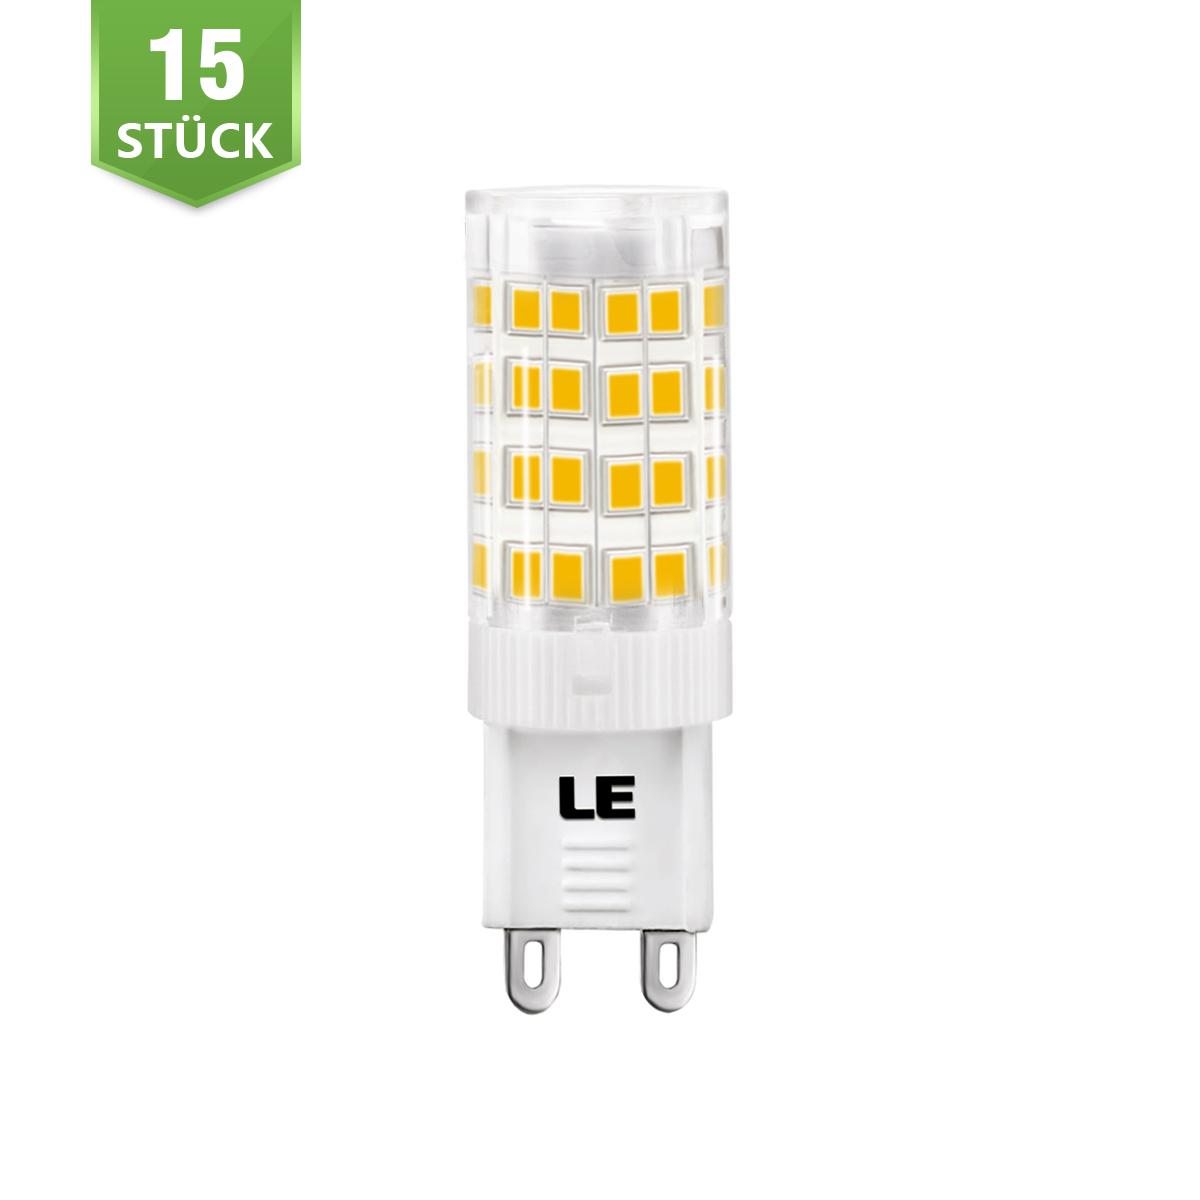 [Bündel] 5W G9 LED Maiskolben, 340lm Maisbirne, 360° Beleuchtung, Ersatz für 50W Halogenbirne, Warmweiß, 15er Set